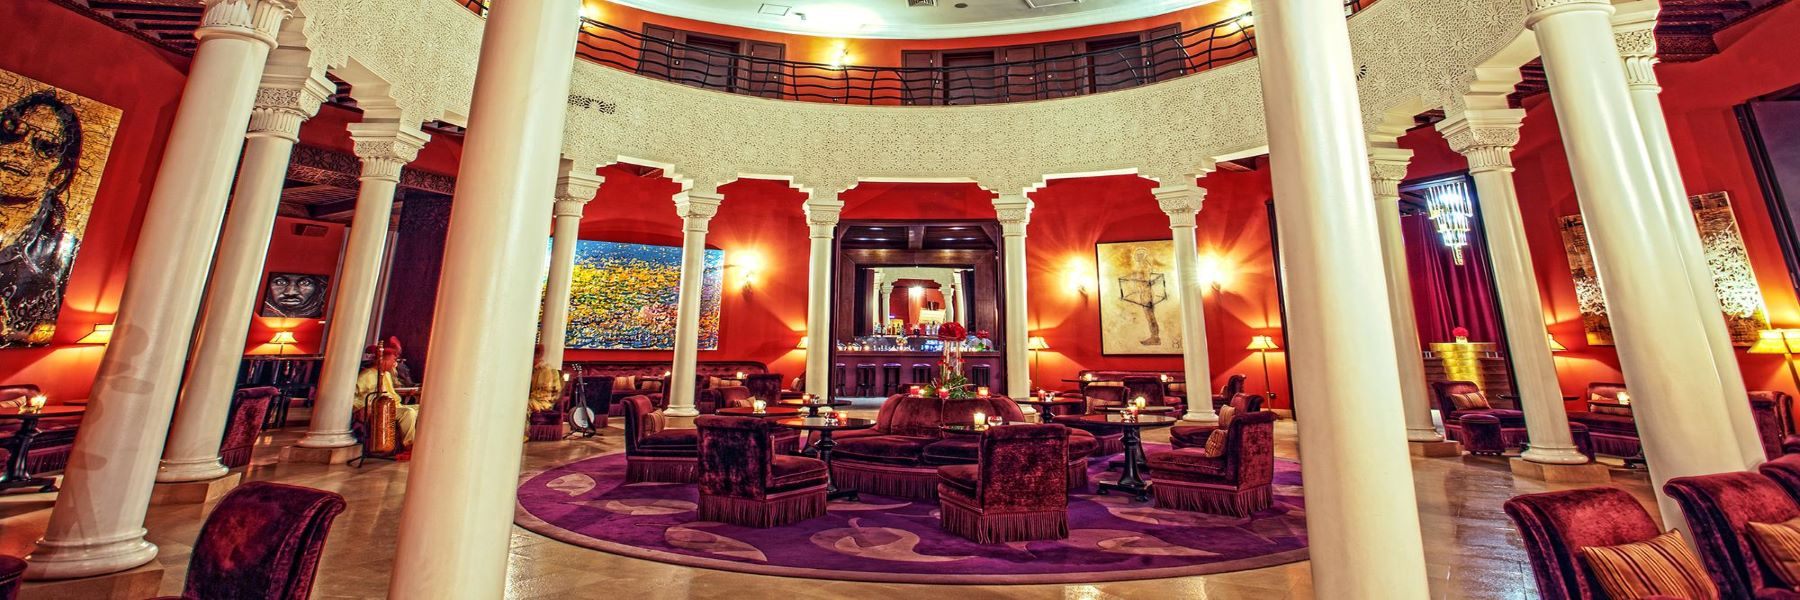 The Pearl Marrakech, a luxury hotel in Marrakech